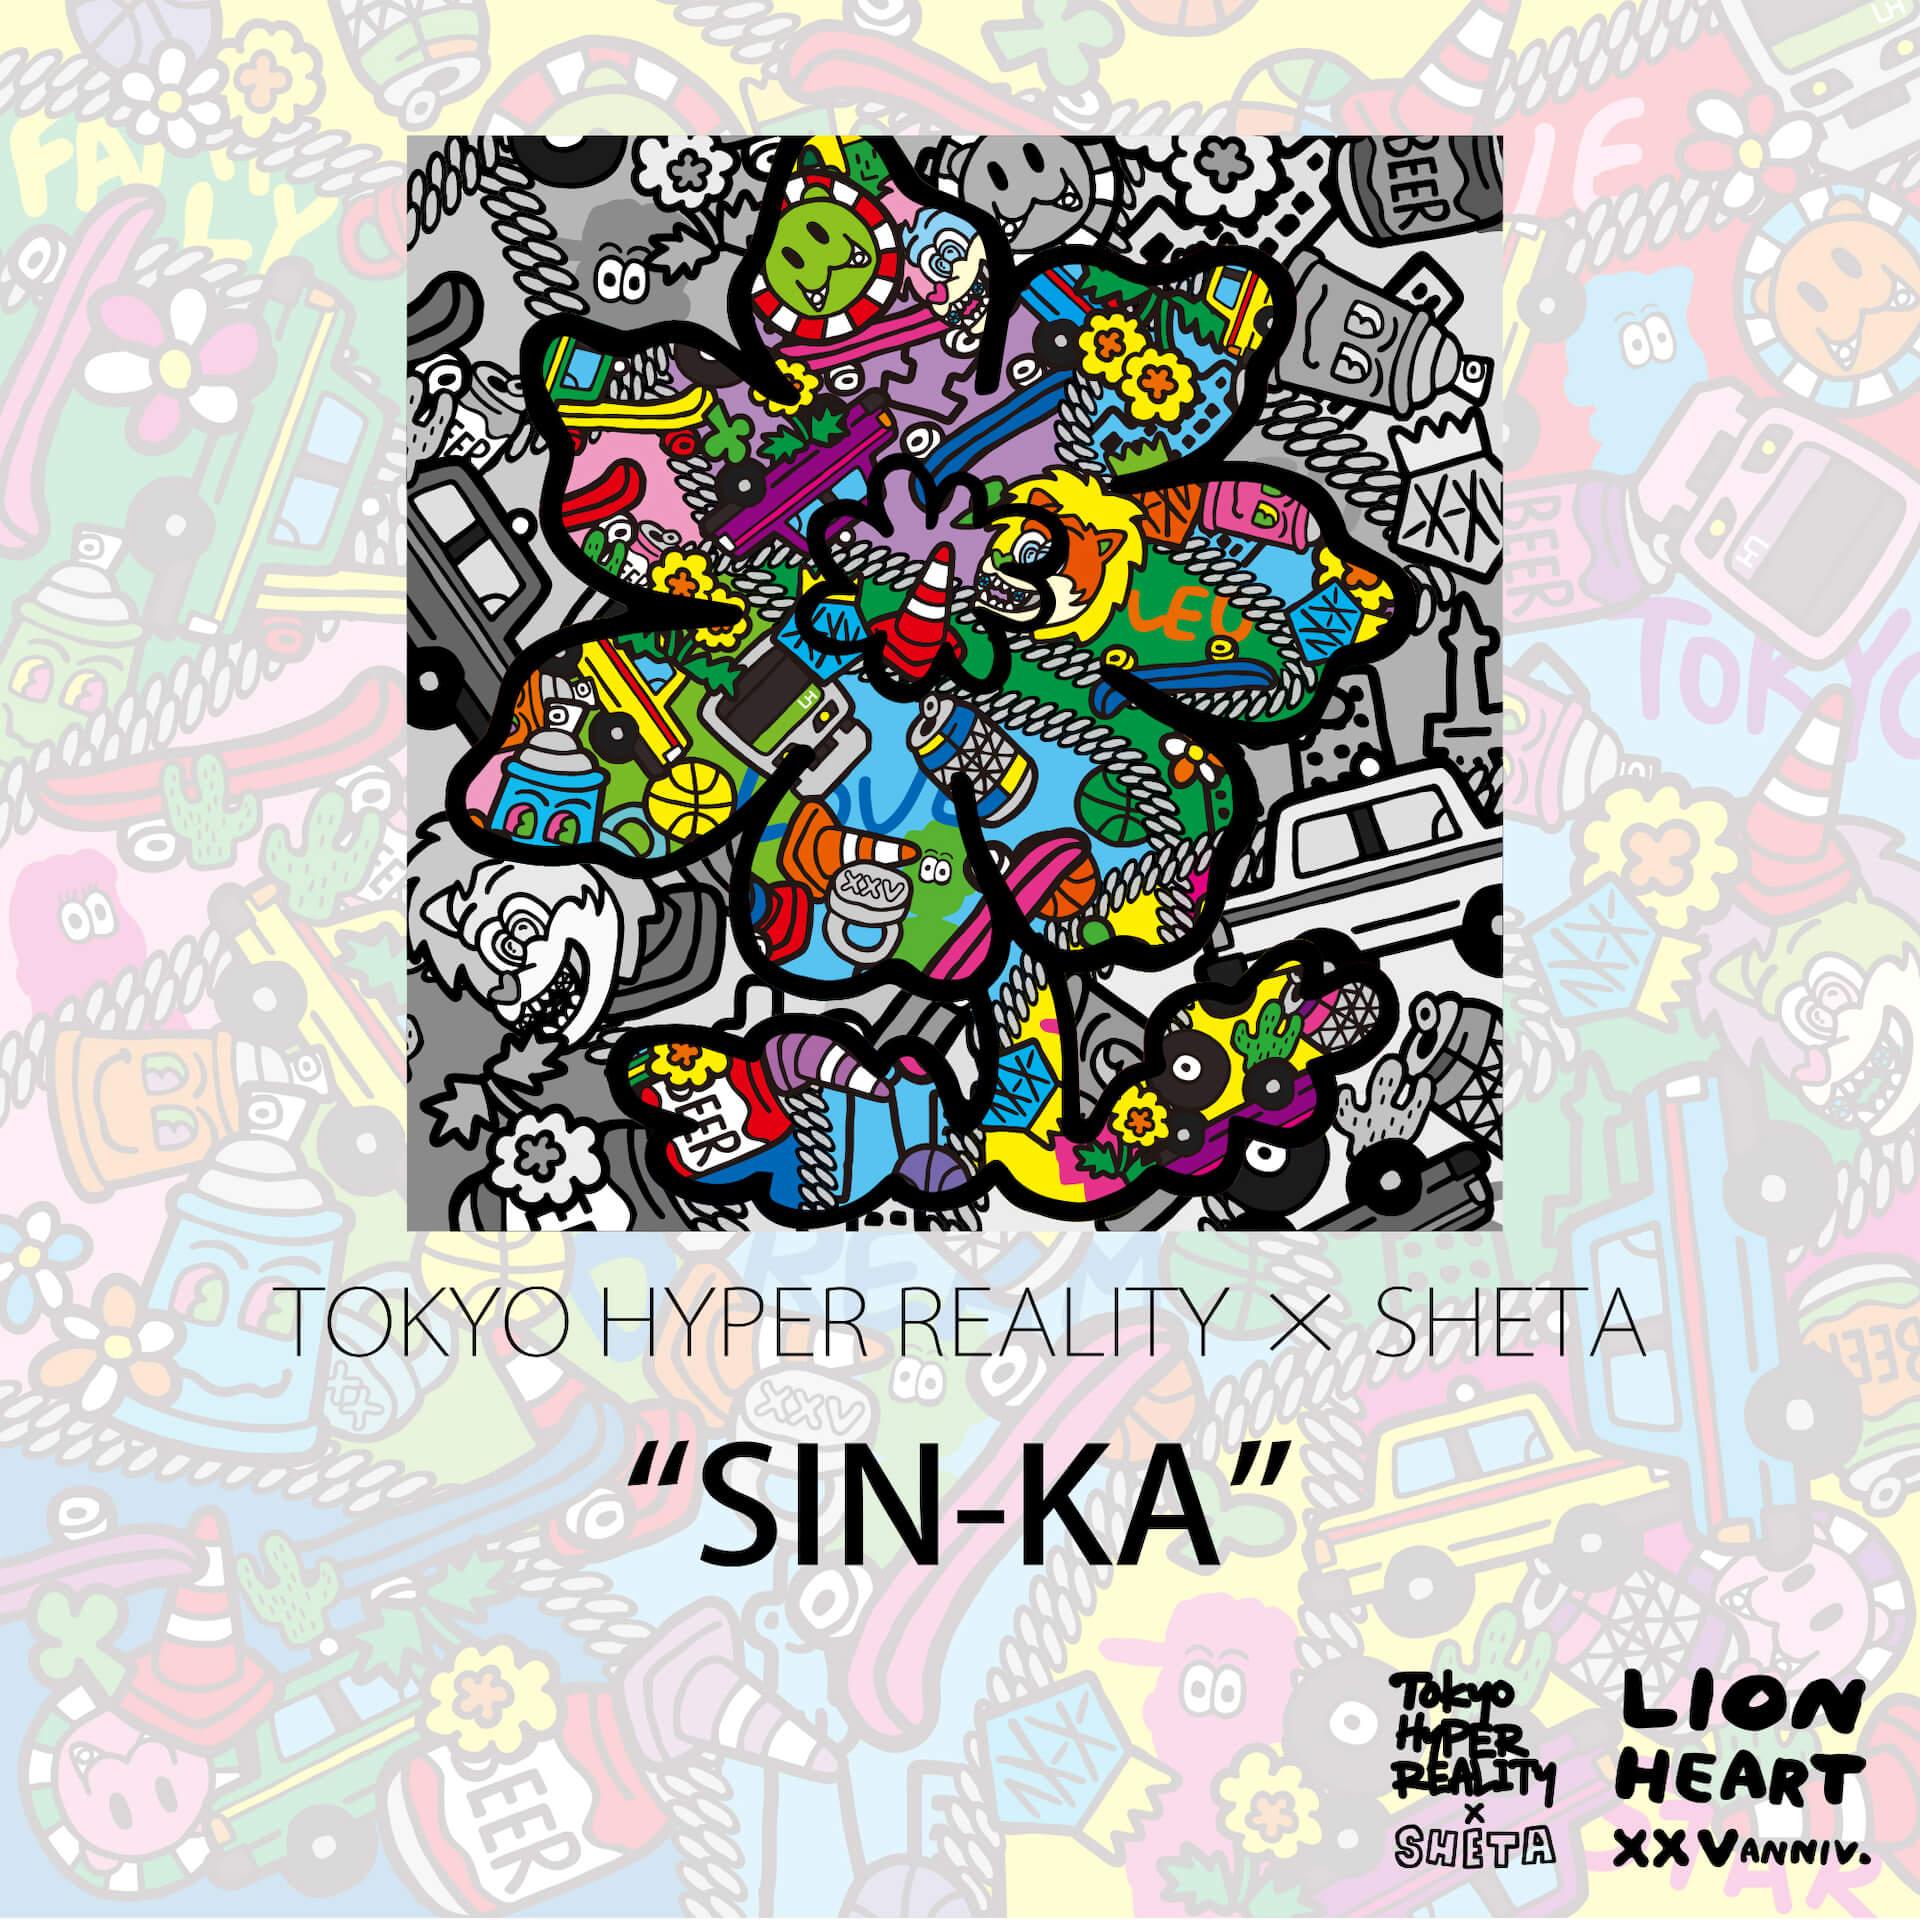 LION HEARTが設立25周年を記念したSHETAとのコラボ新作をリリース!ブランド初となるアパレルラインも fashion211013_tokyoheart-main